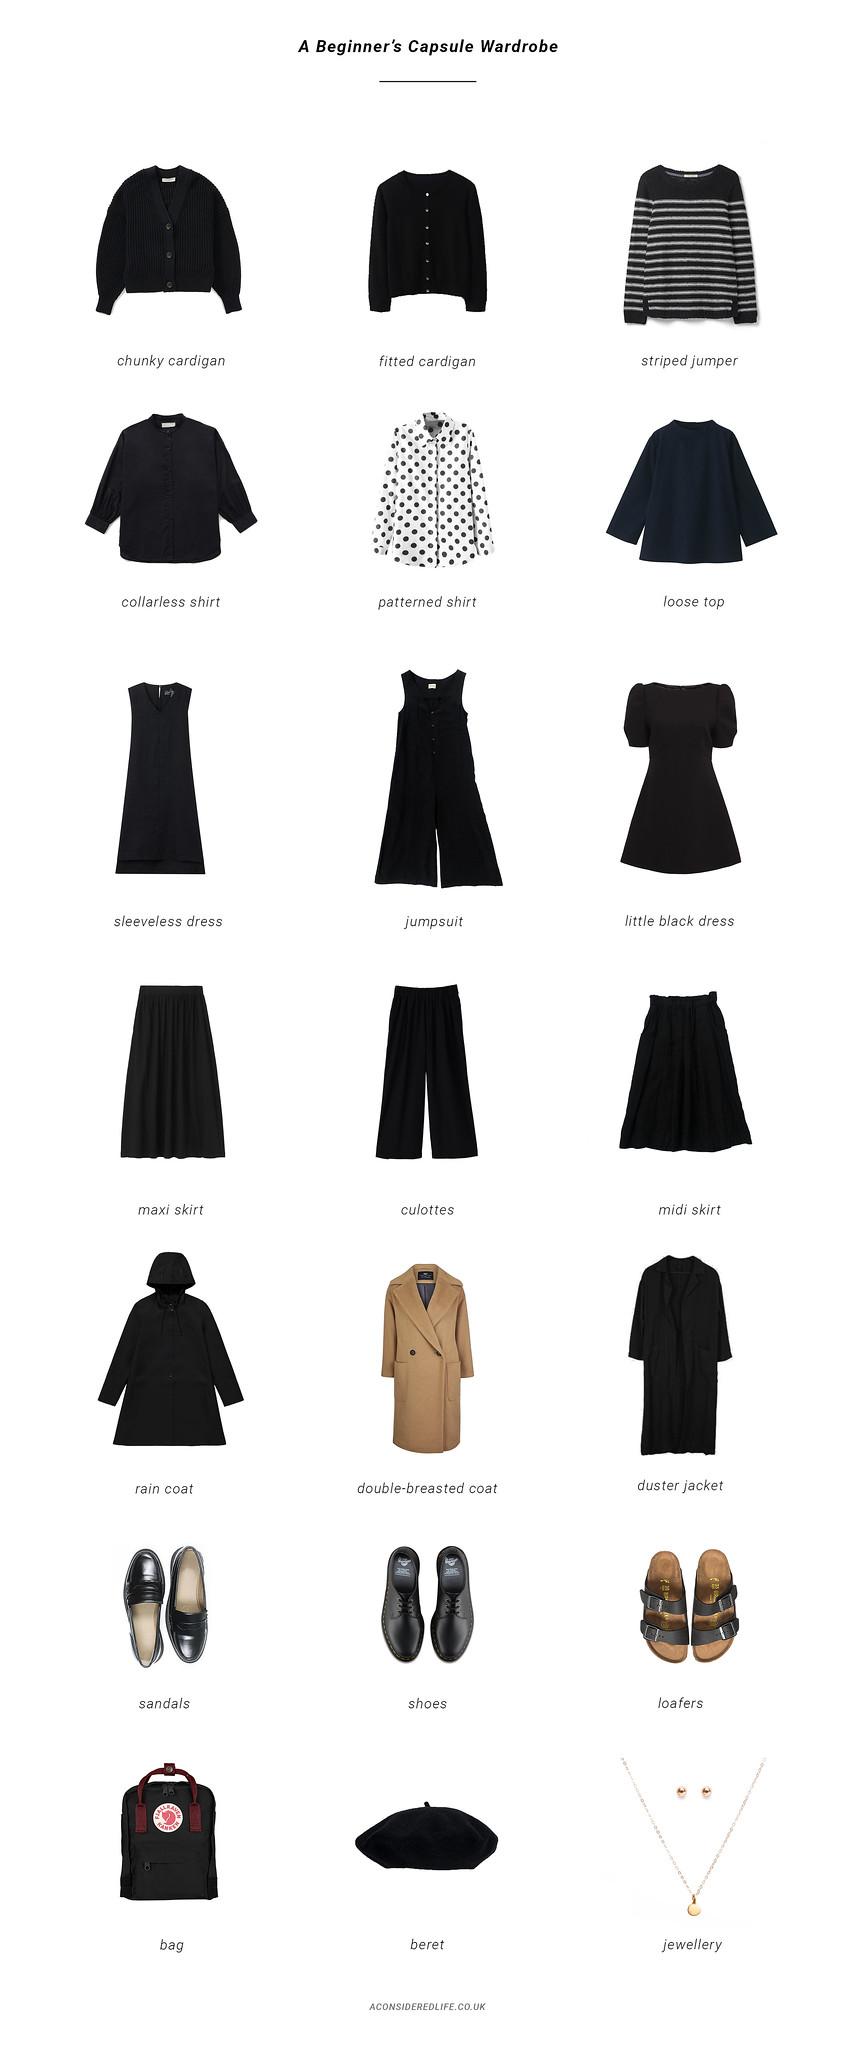 A Beginner's Capsule Wardrobe